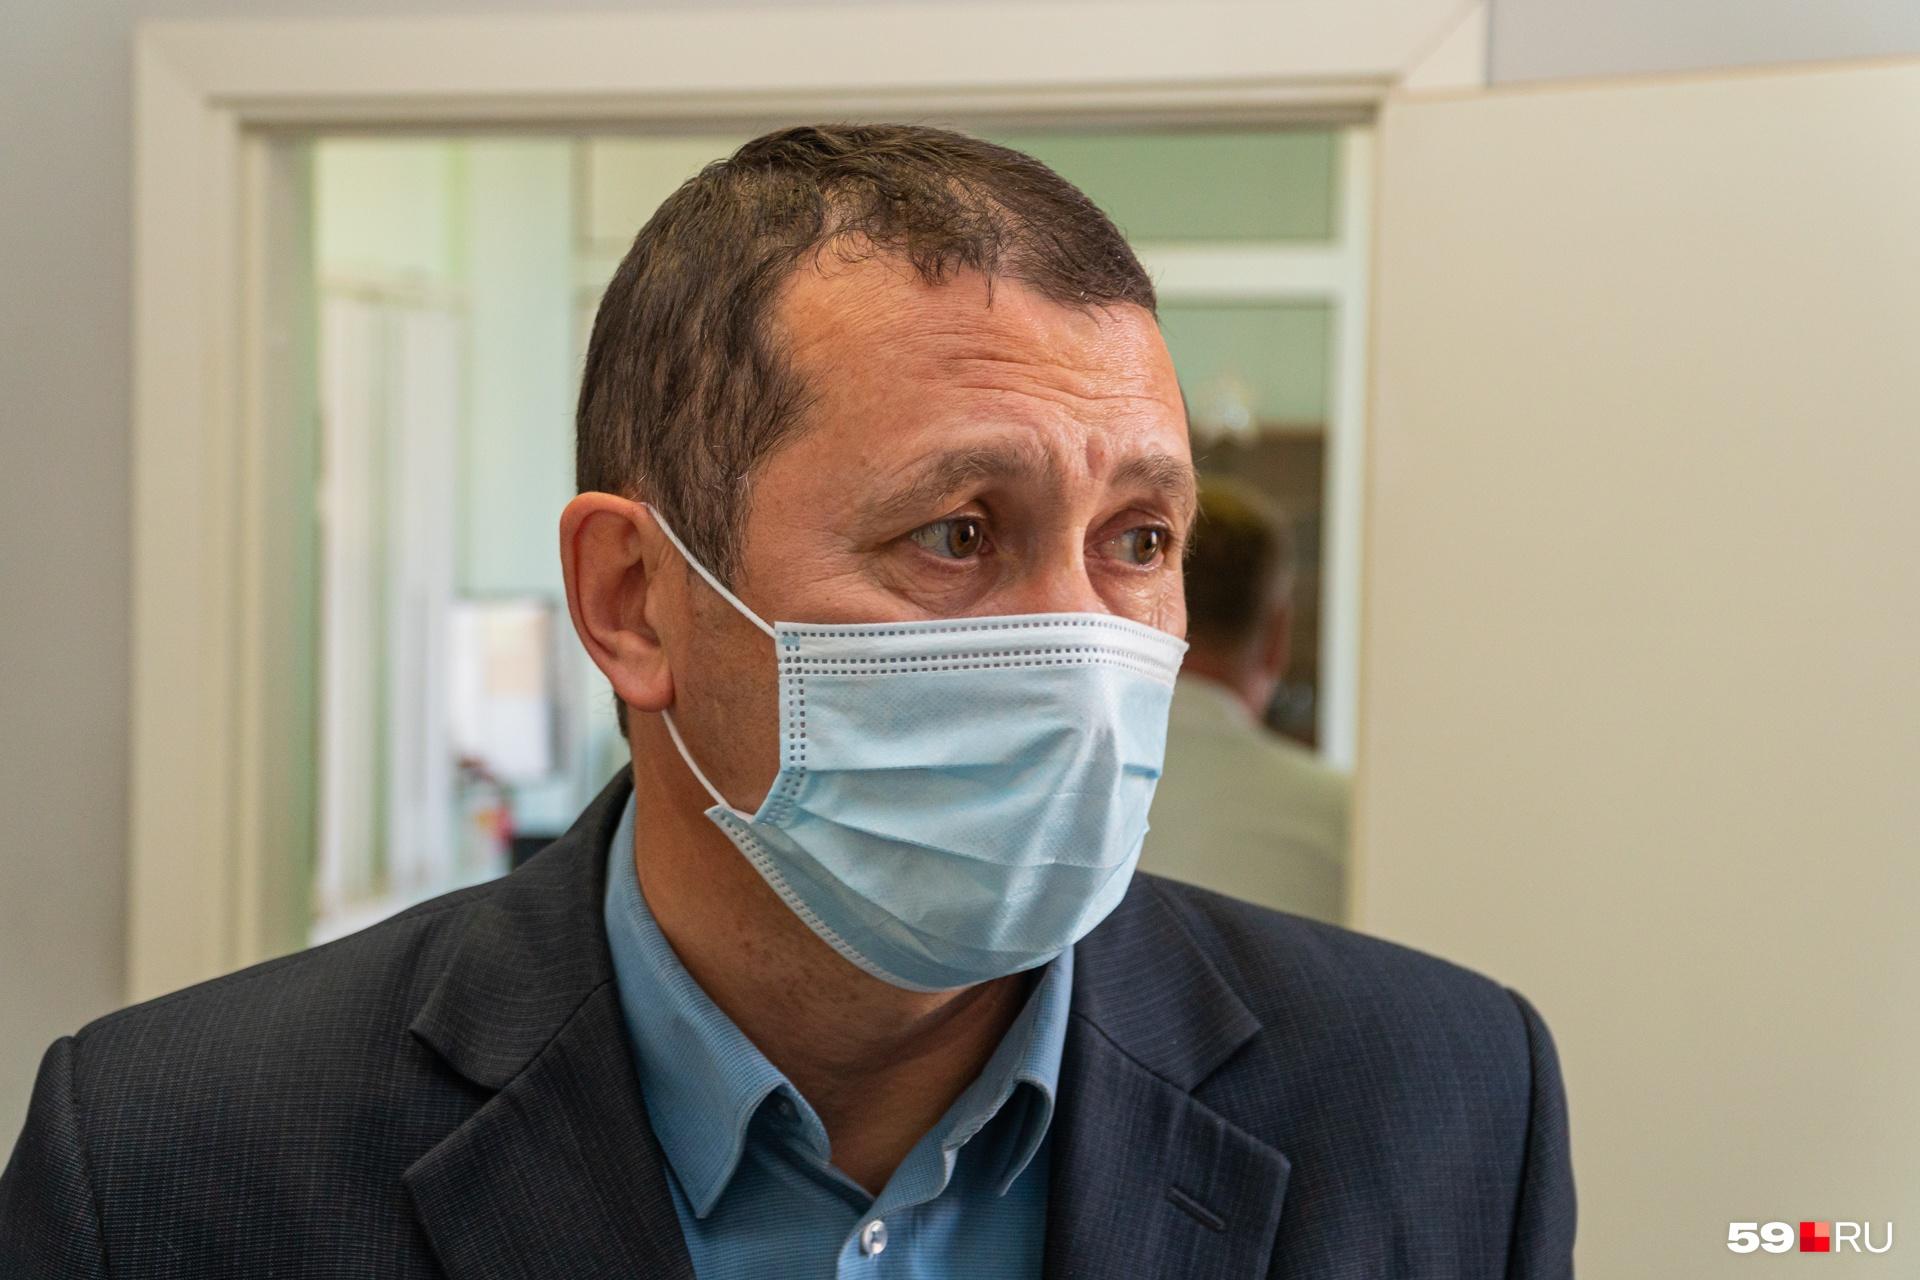 Главврач центра по борьбе со СПИДом Евгений Сармометов — в числе добровольцев, которых вакцинируют первыми